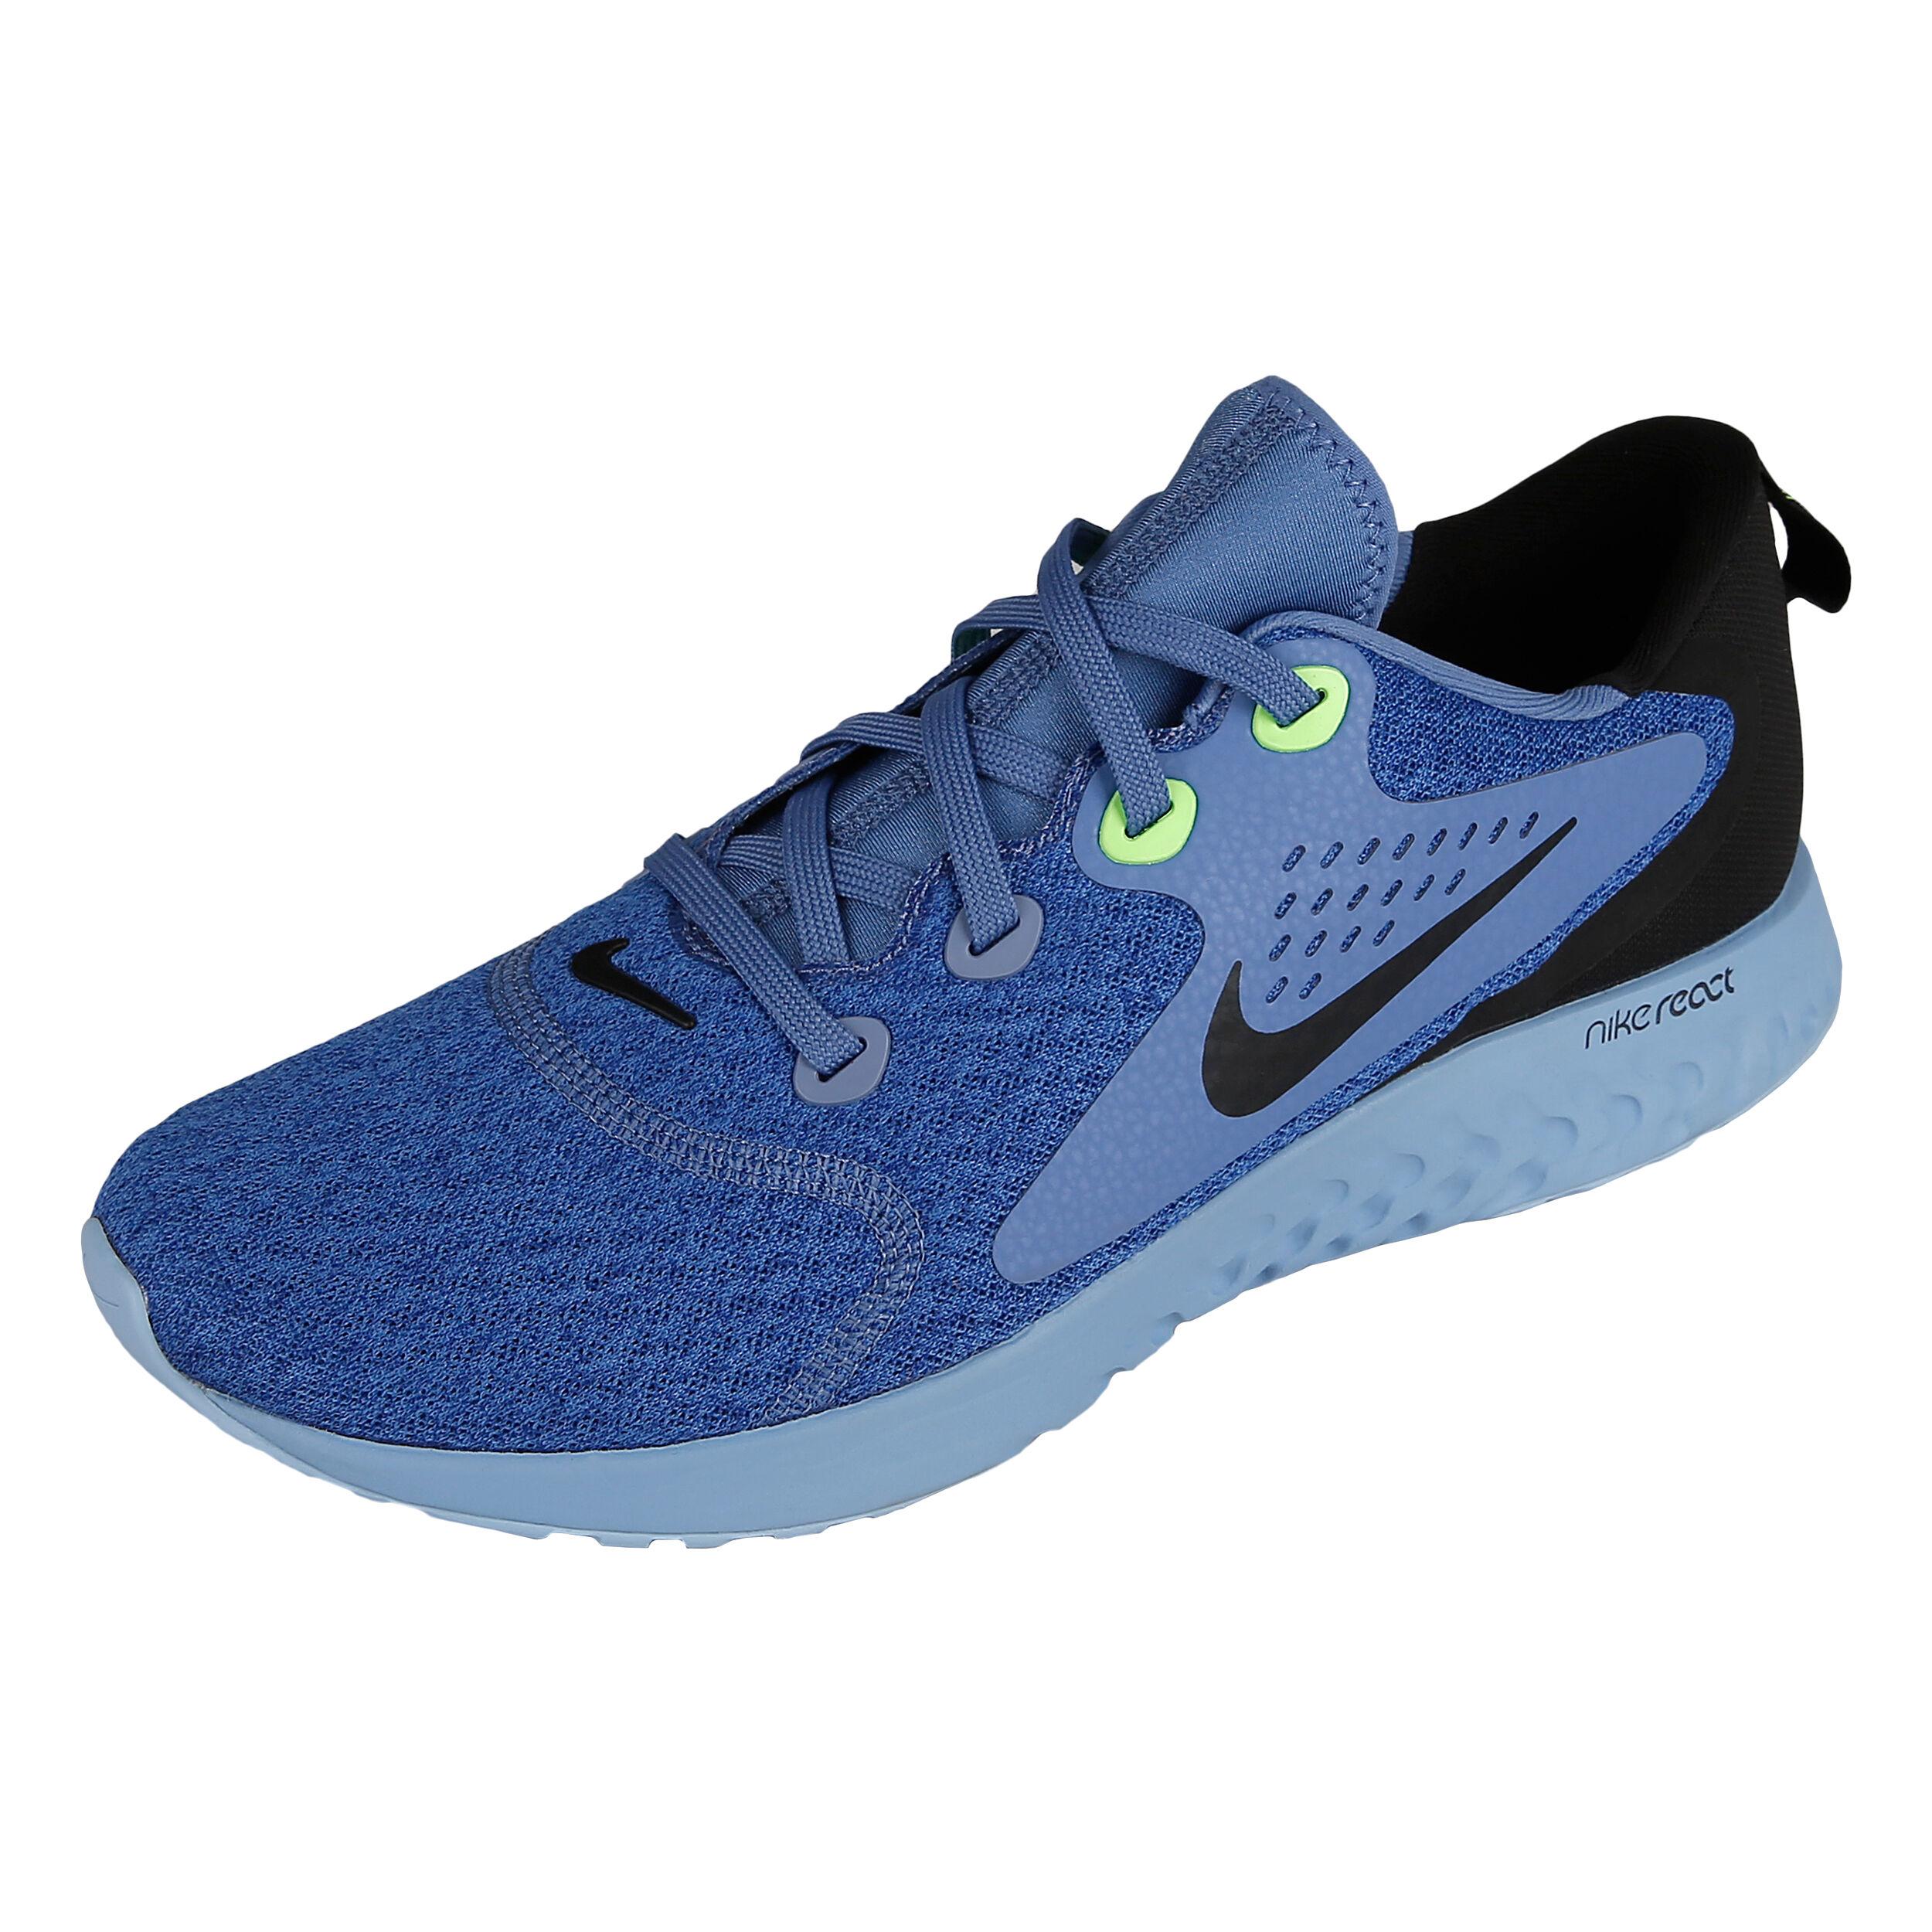 Laufschuhe von Nike   bis -50% reduziert   Jogging-Point